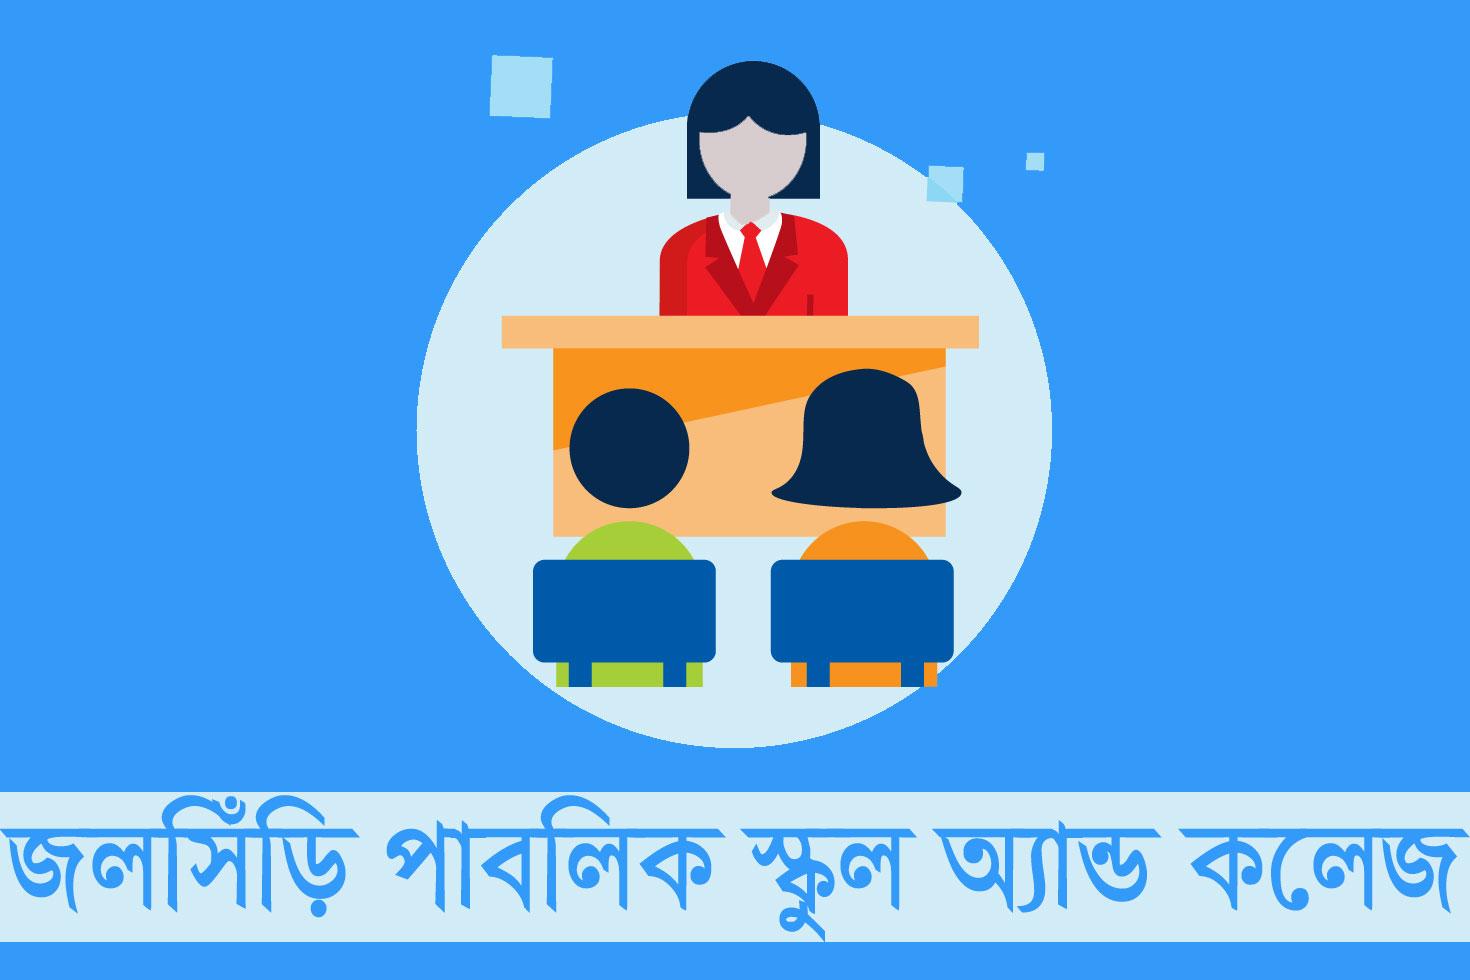 জলসিঁড়ি পাবলিক স্কুল অ্যান্ড কলেজ নিচ্ছে ২৭ শিক্ষক